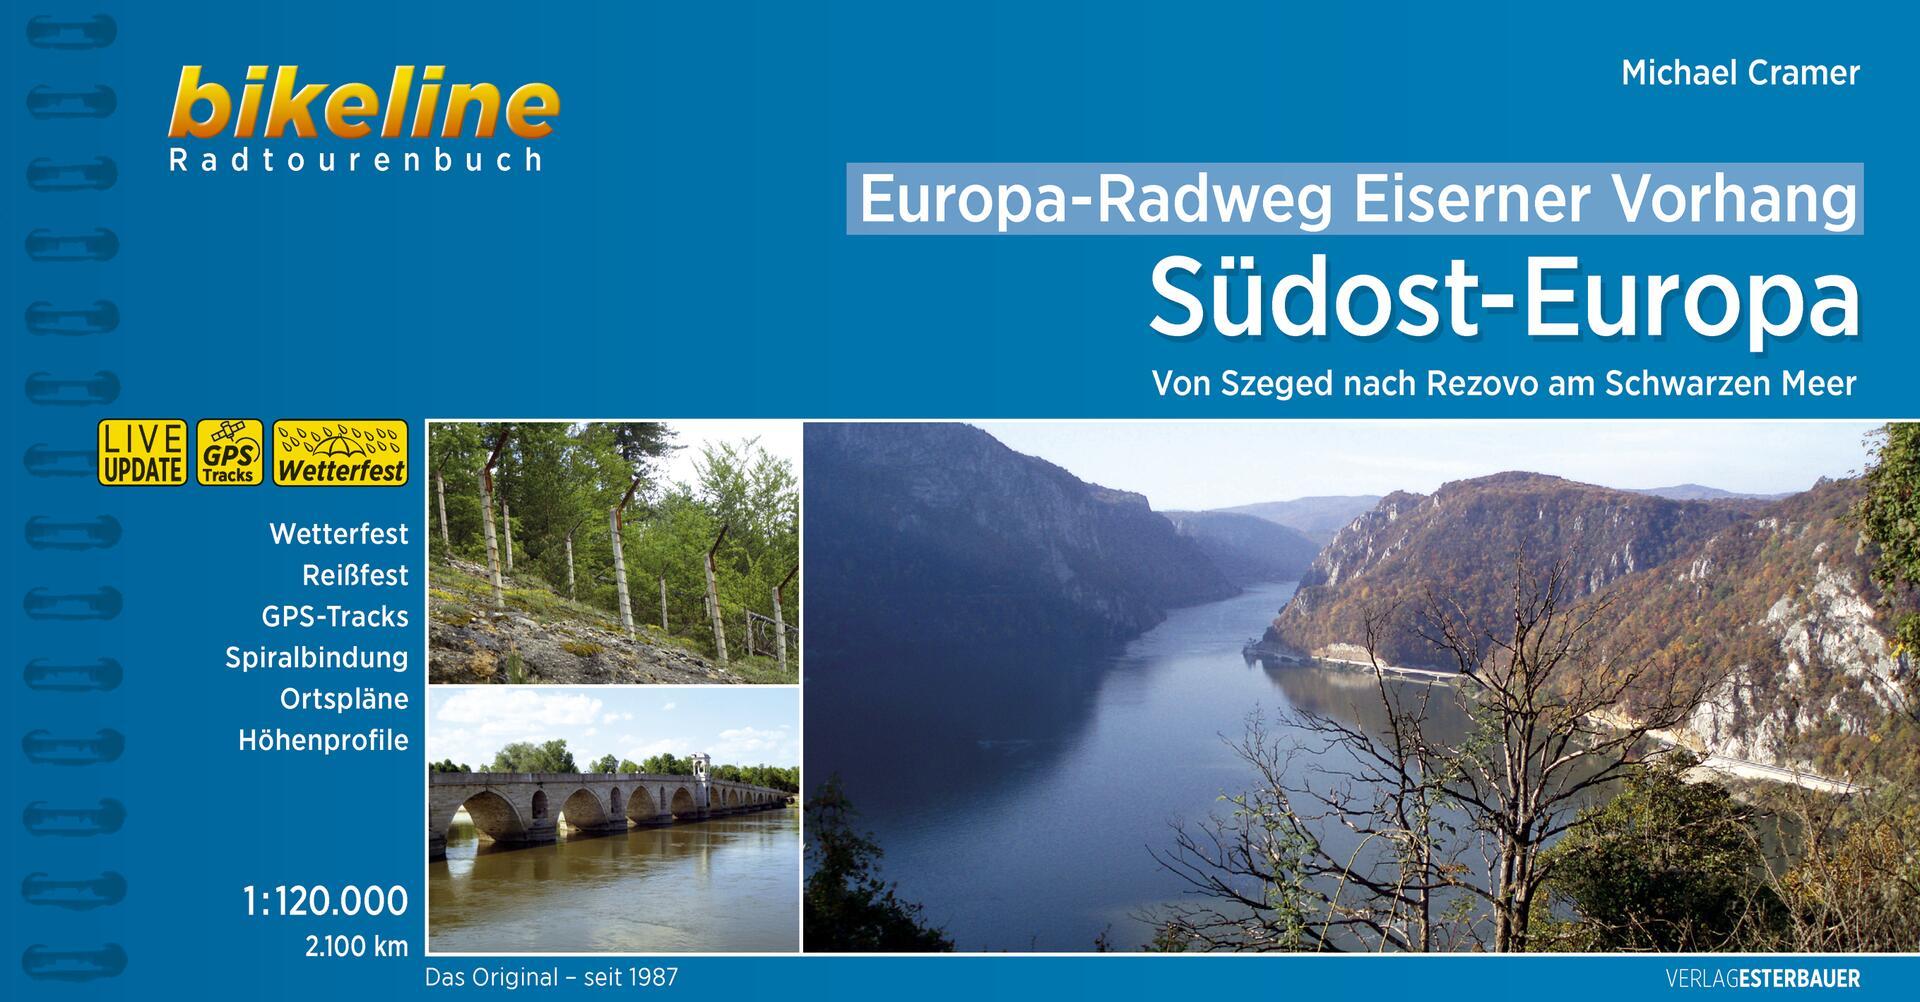 Foto vom Europa-Radweg Eiserner Vorhang 5 Südost-Europa